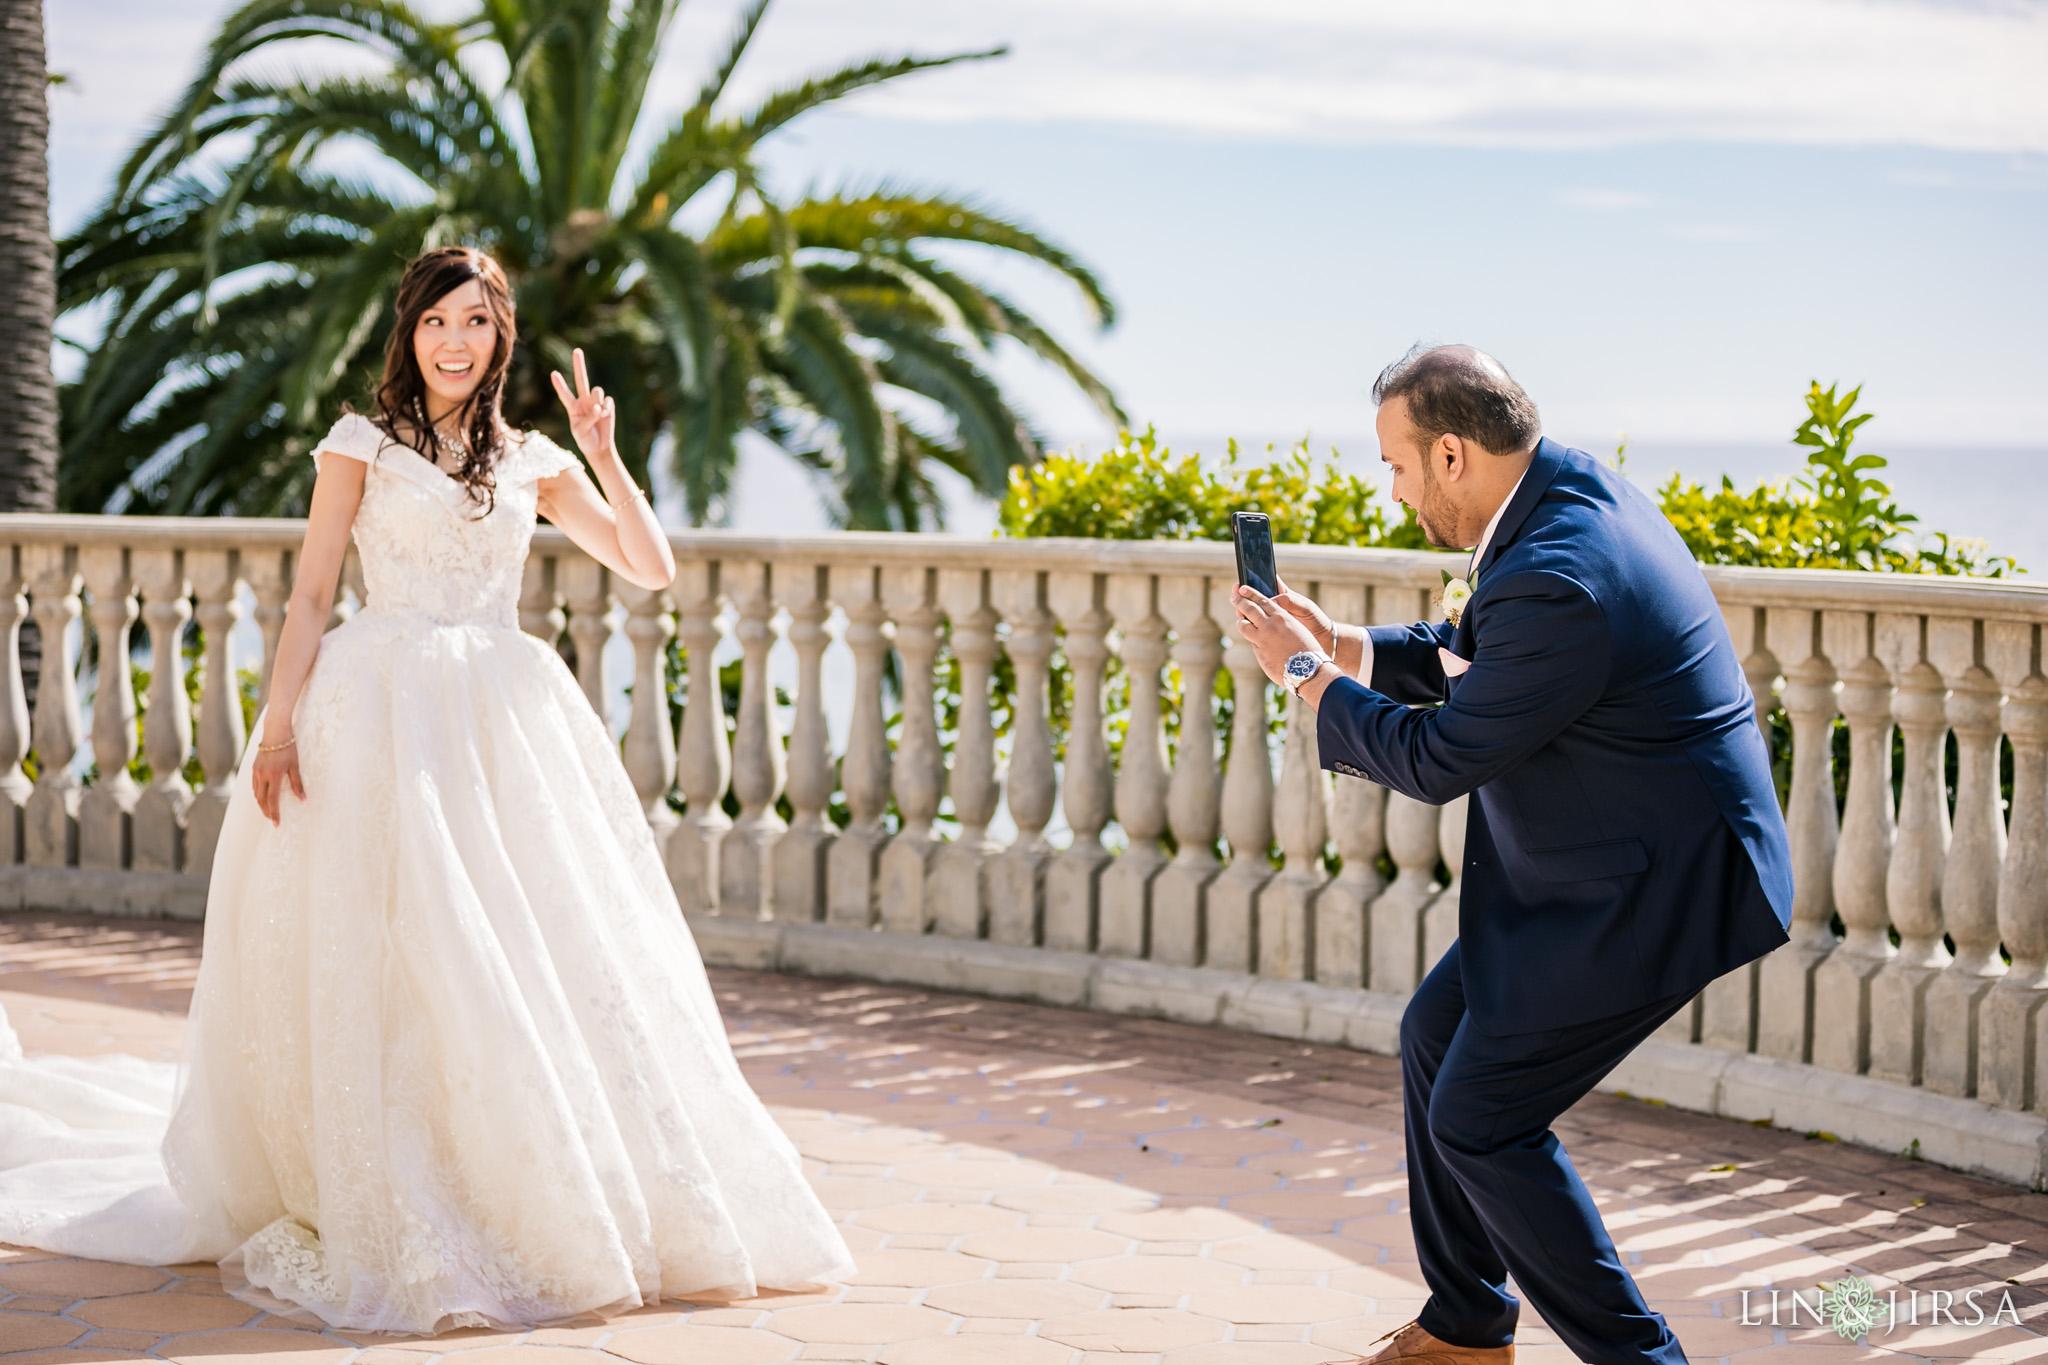 12 Bel Air Bay Club Los Angeles Wedding Photography